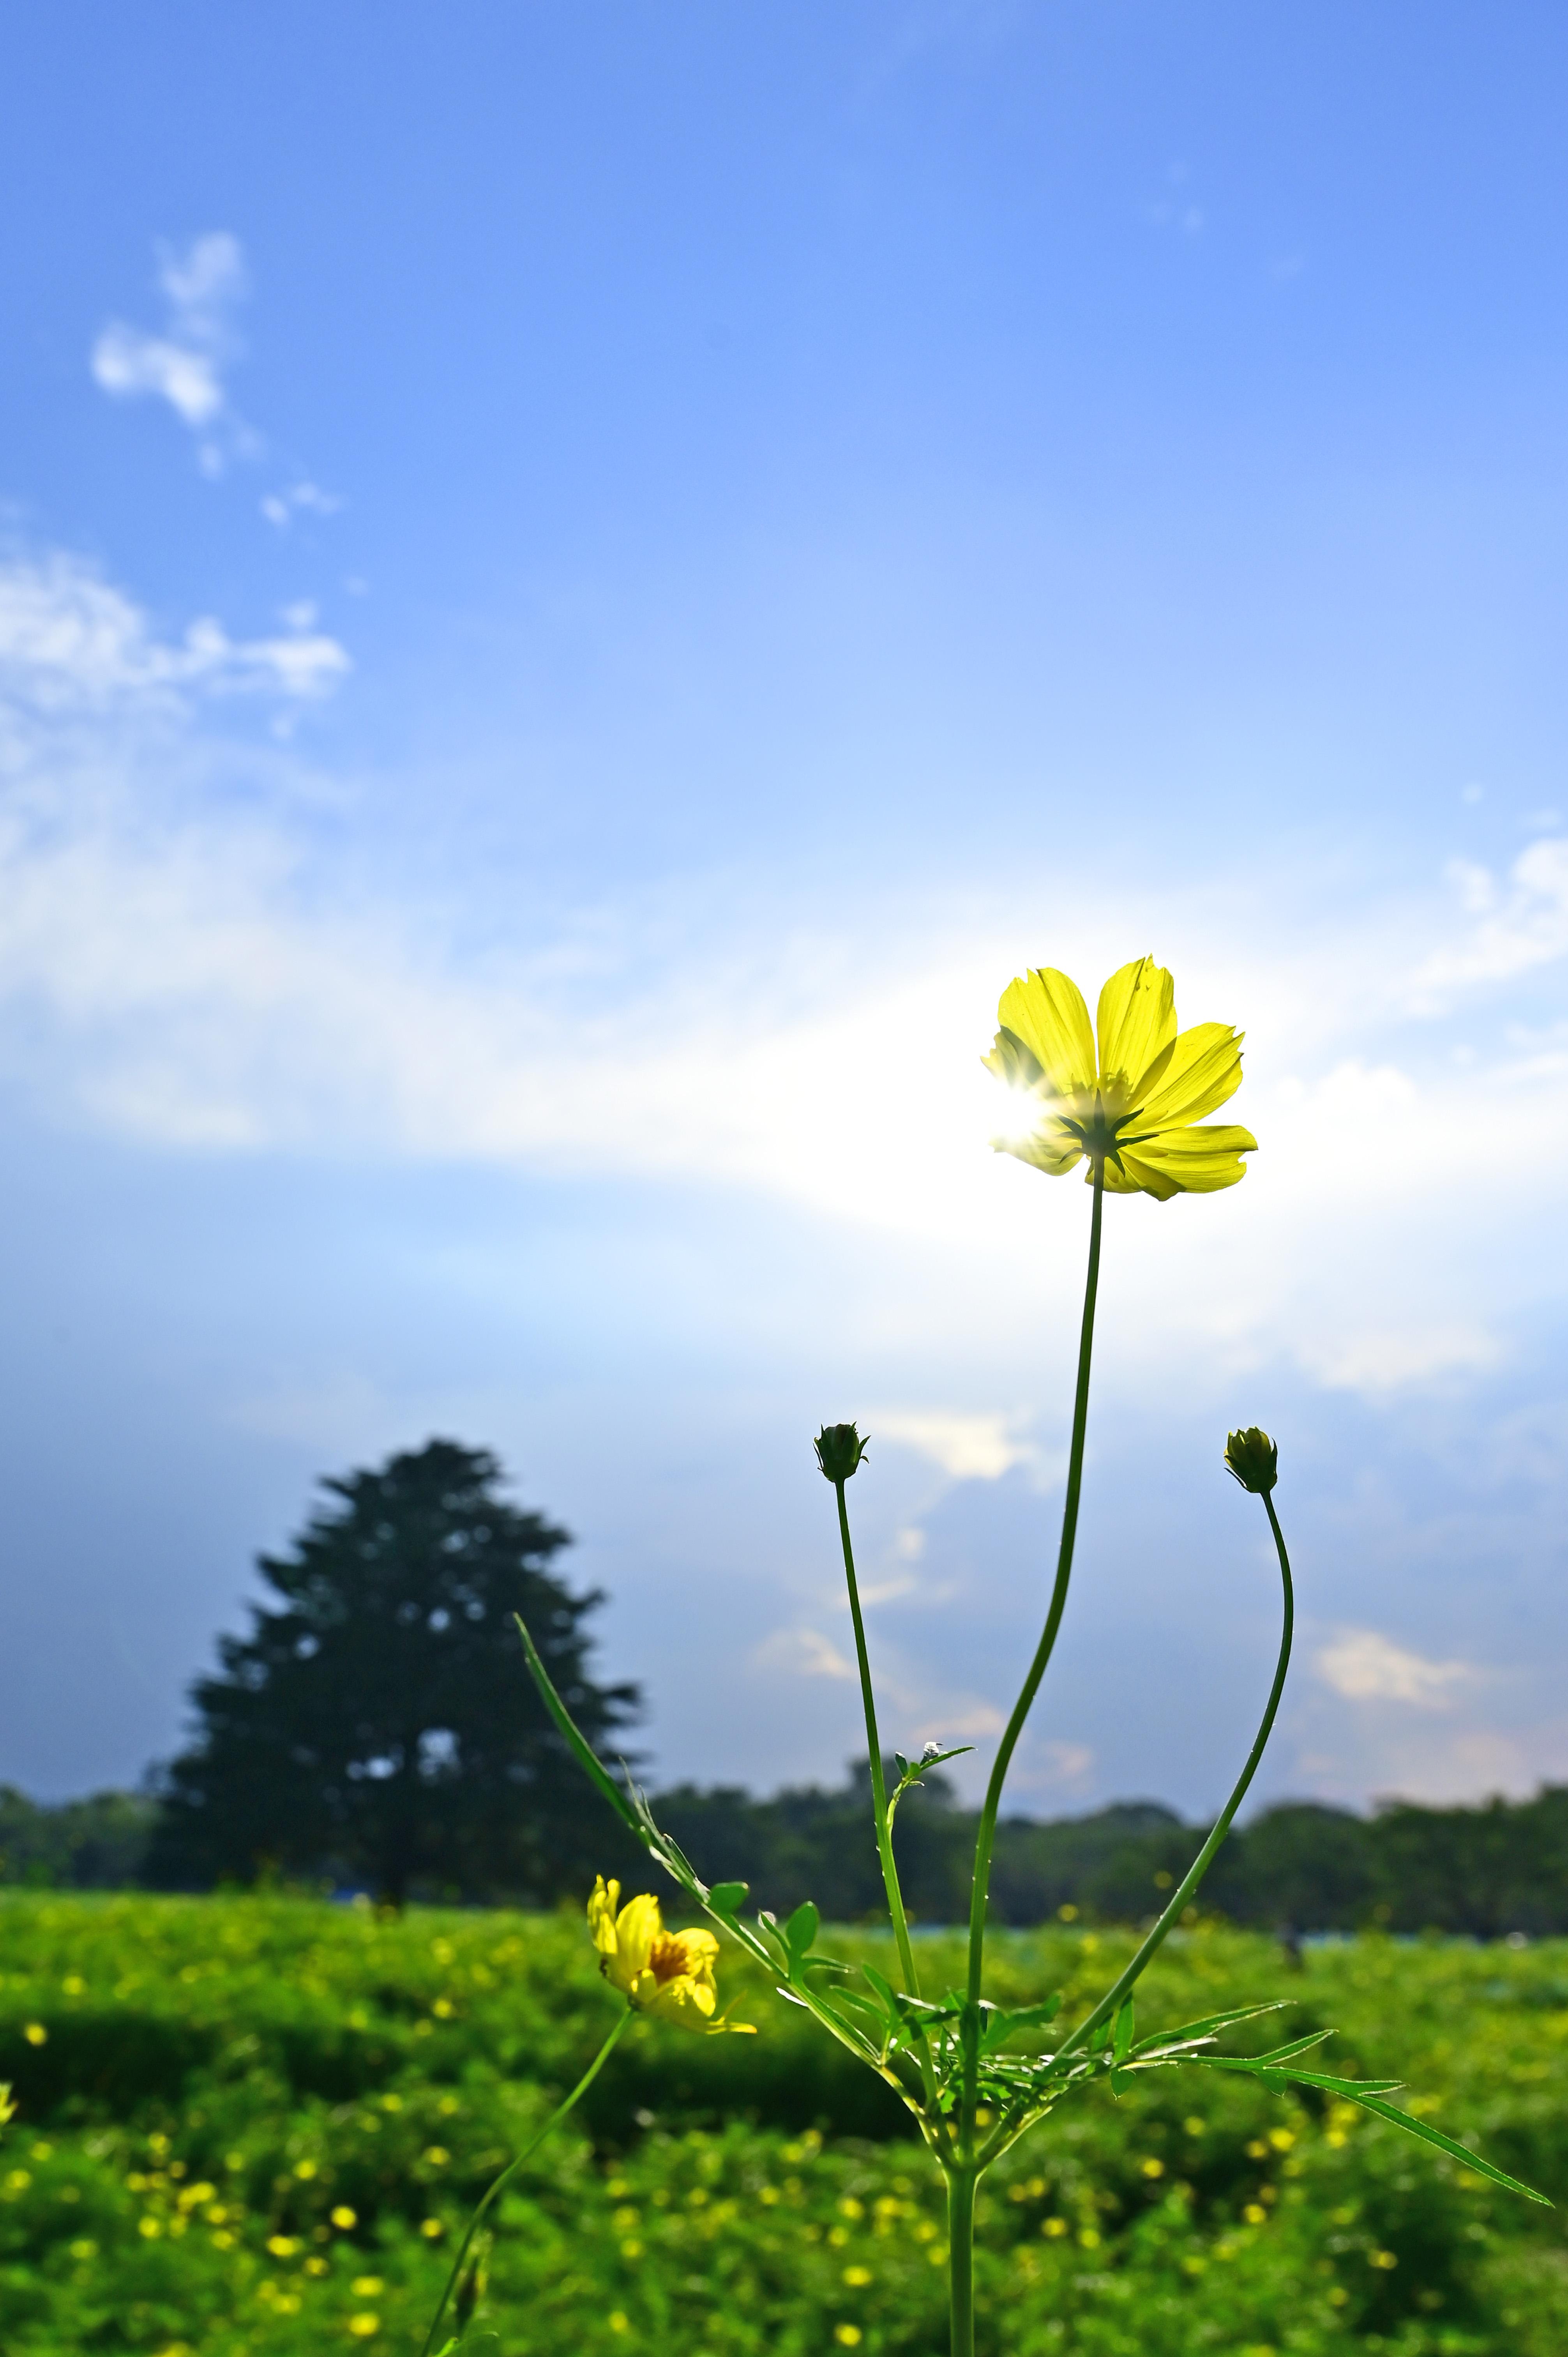 立川昭和記念公園にて コスモスの花壇で光芒が少し